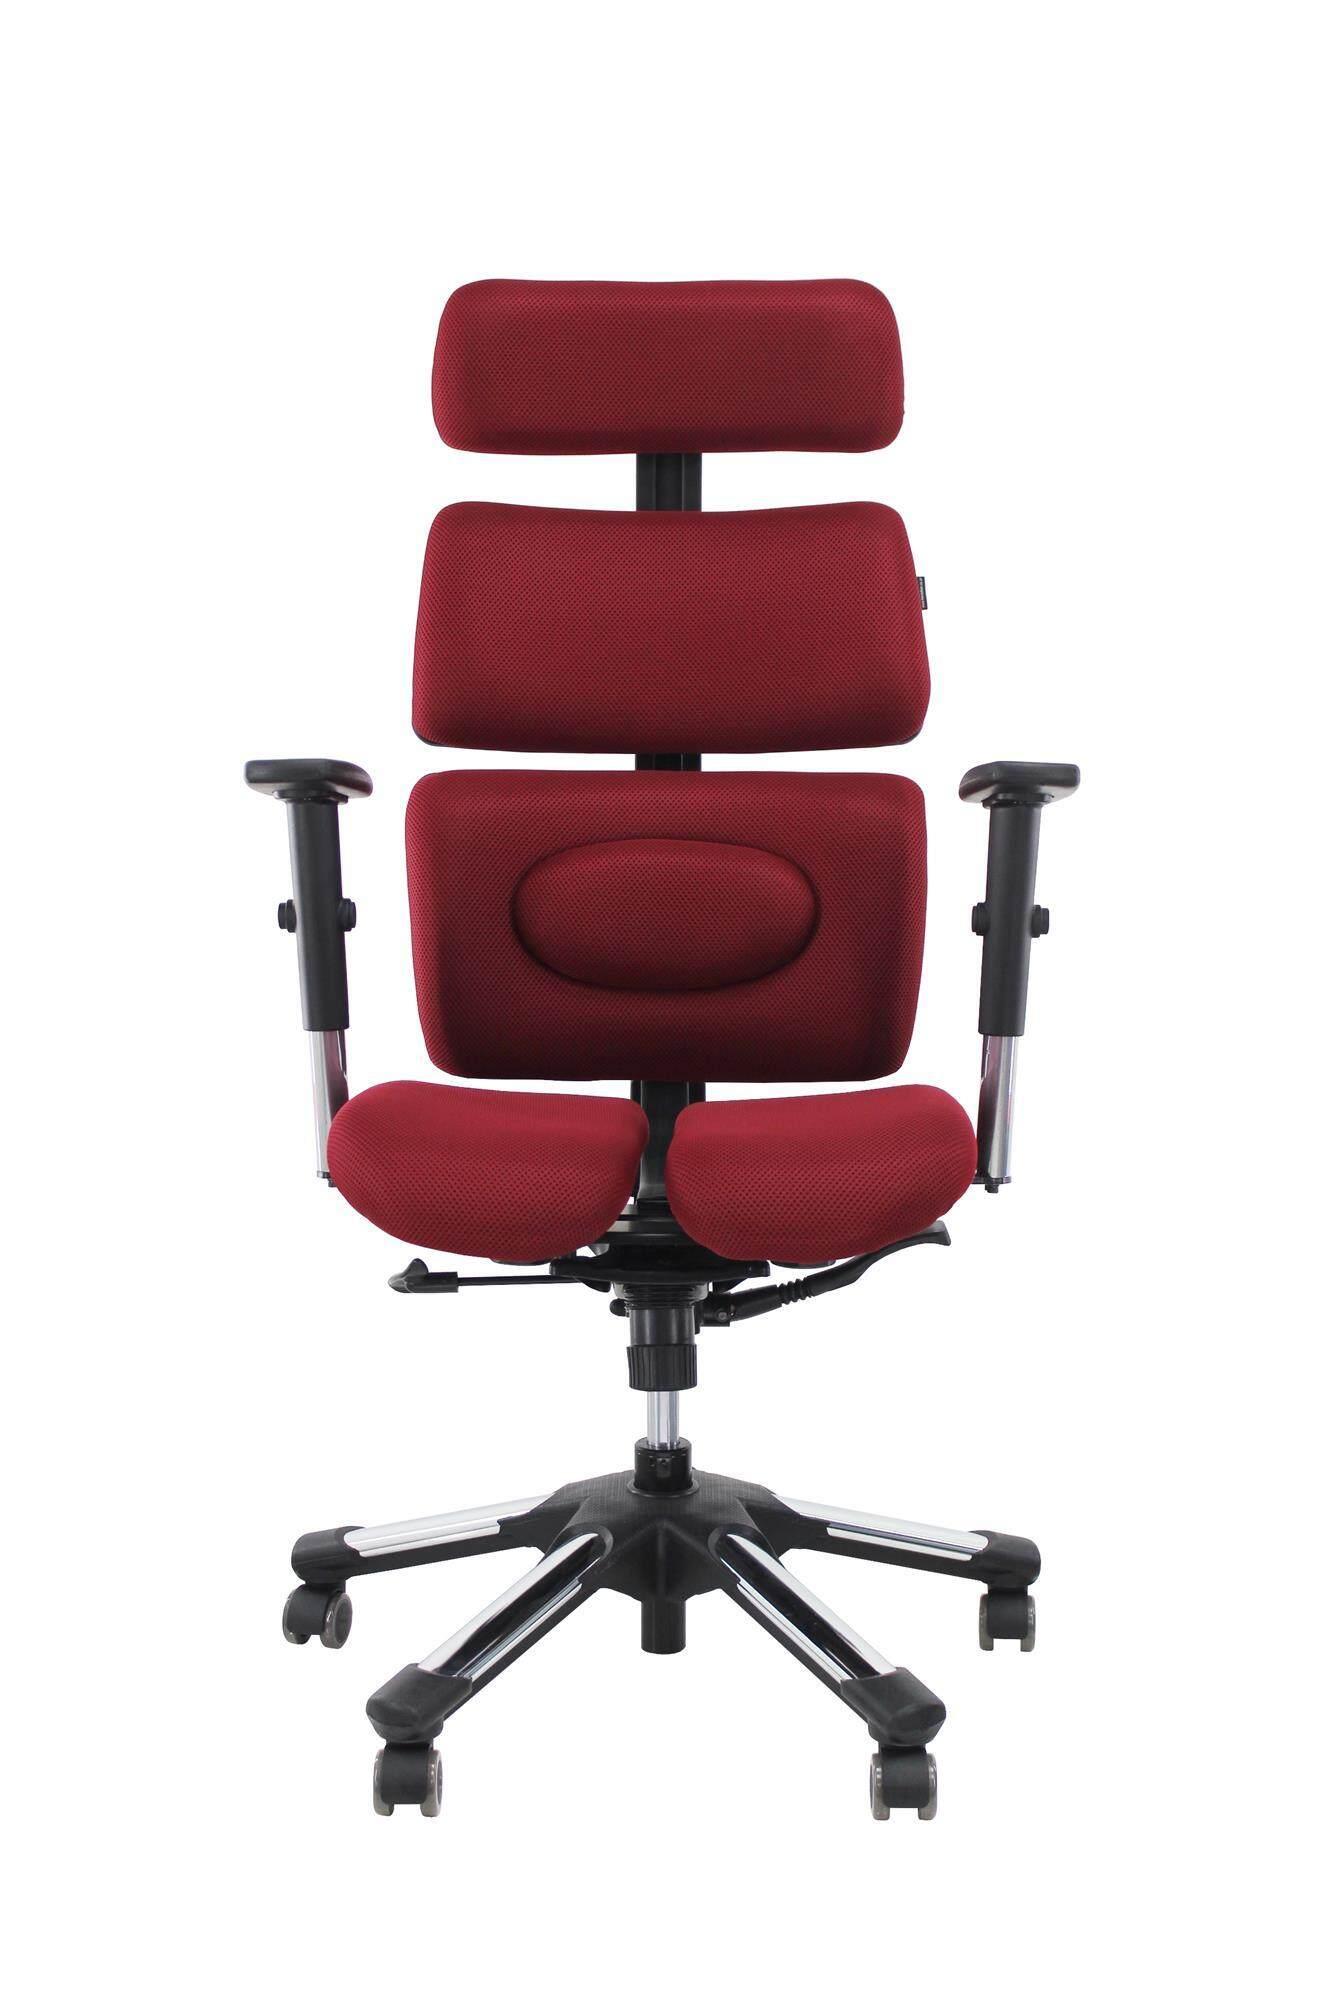 Hara Chair เก้าอี้สํานักงานเพื่อสุขภาพ Doctor L (สีเเดง)